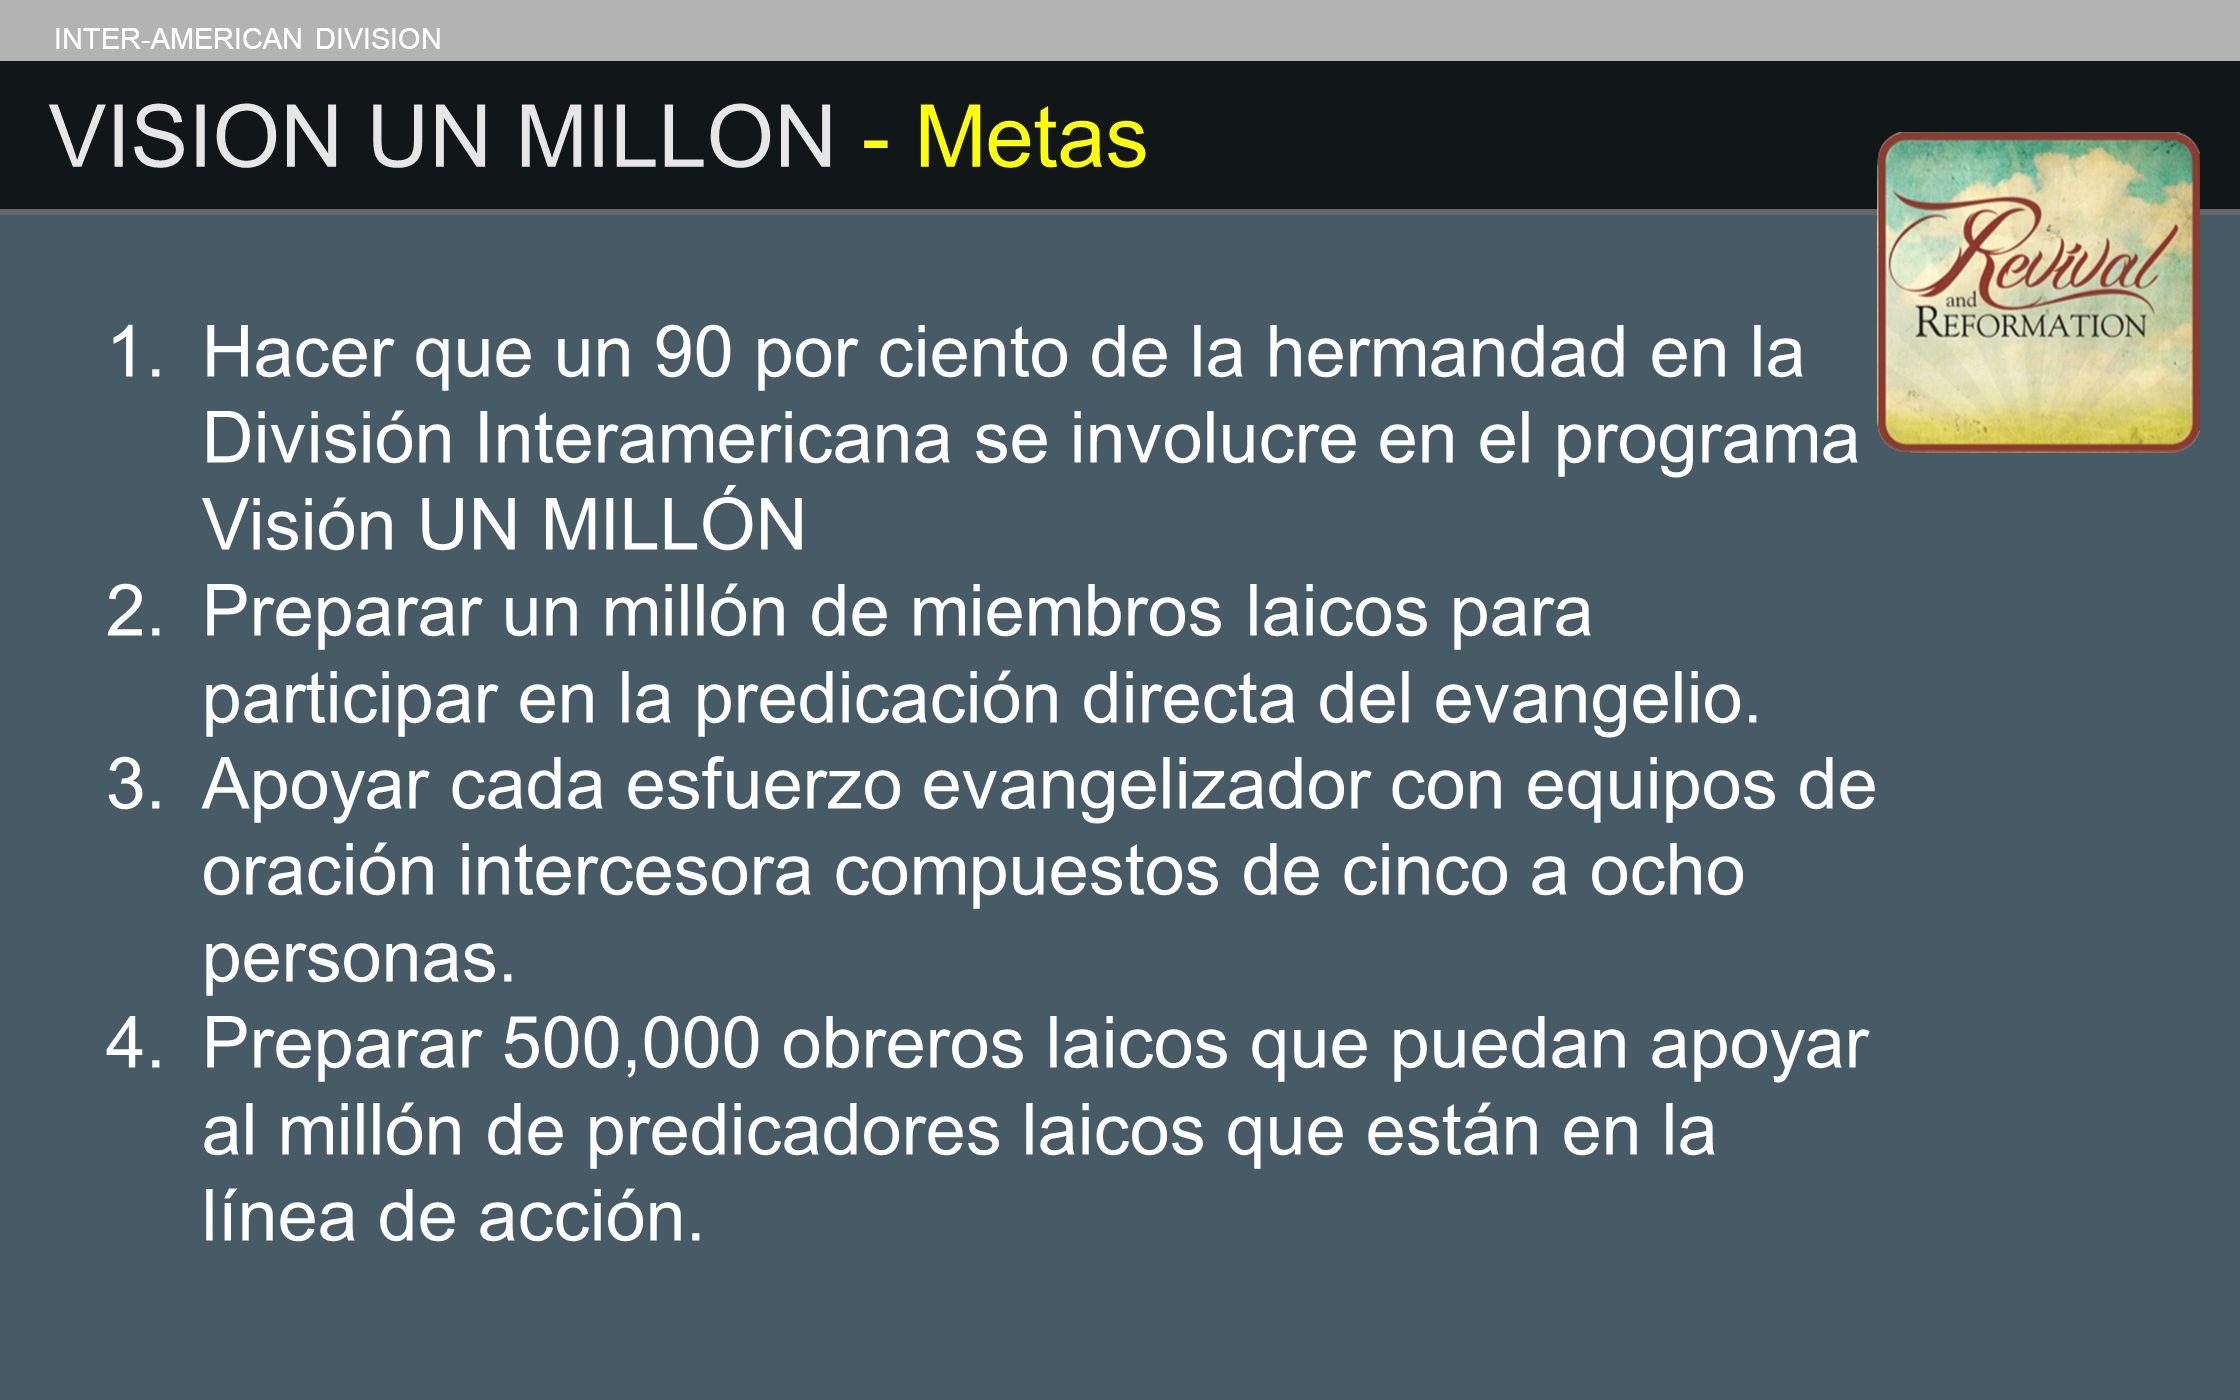 INTER-AMERICAN DIVISION VISION UN MILLON - Metas 1. Hacer que un 90 por ciento de la hermandad en la División Interamericana se involucre en el progra